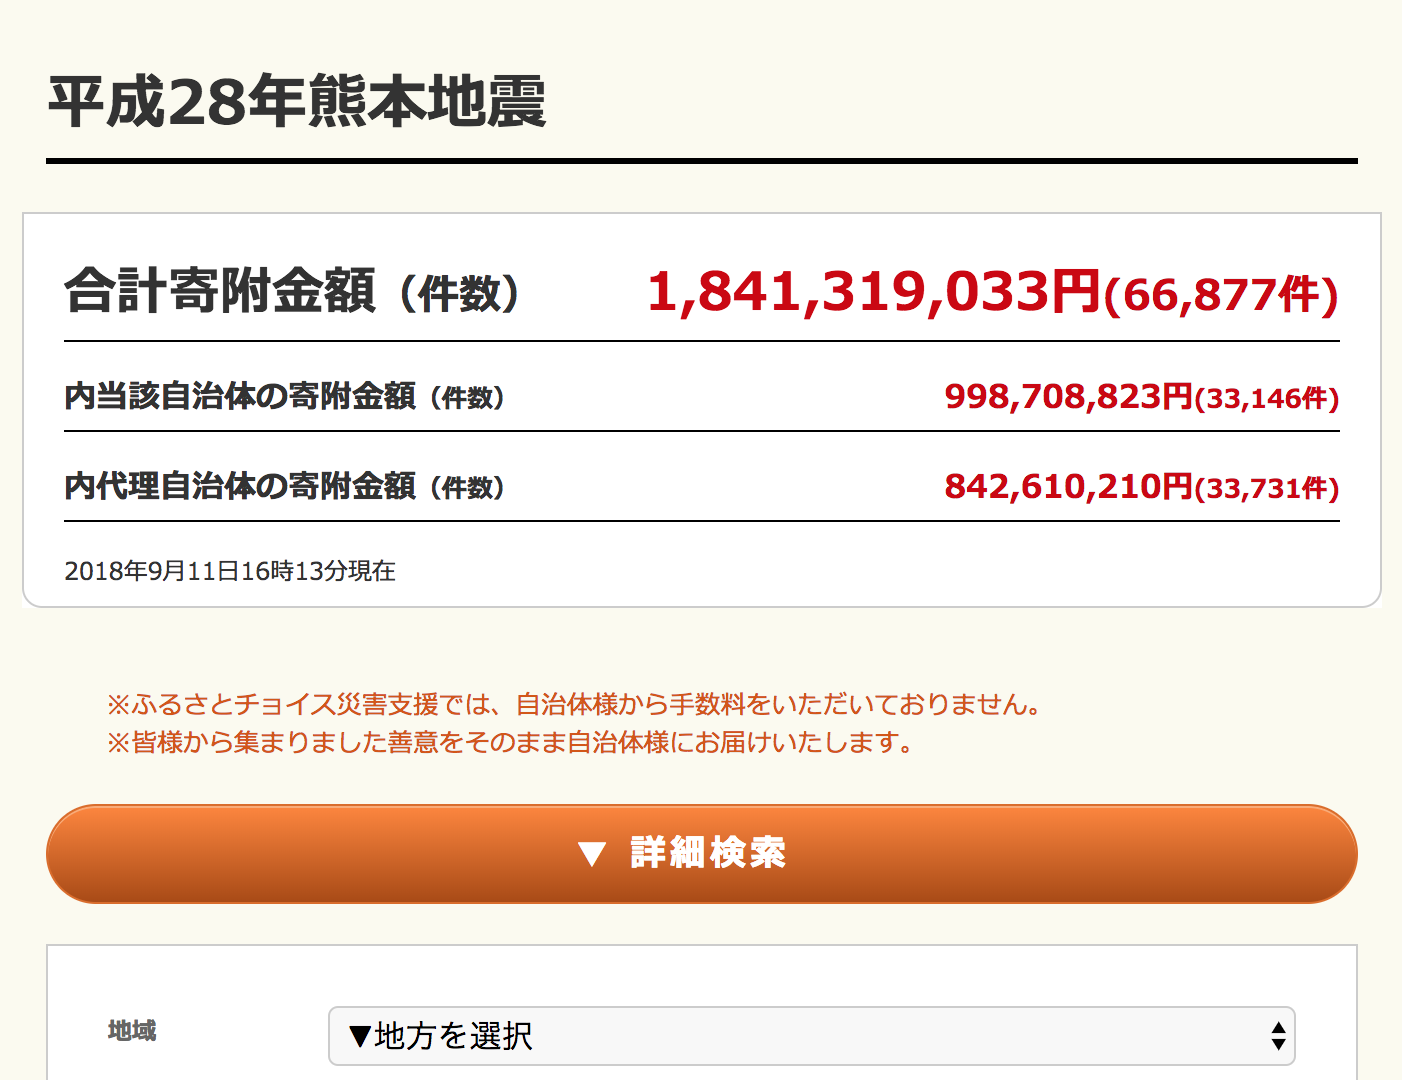 ふるさと納税サイトから災害支援(北海道・大阪・熊本)